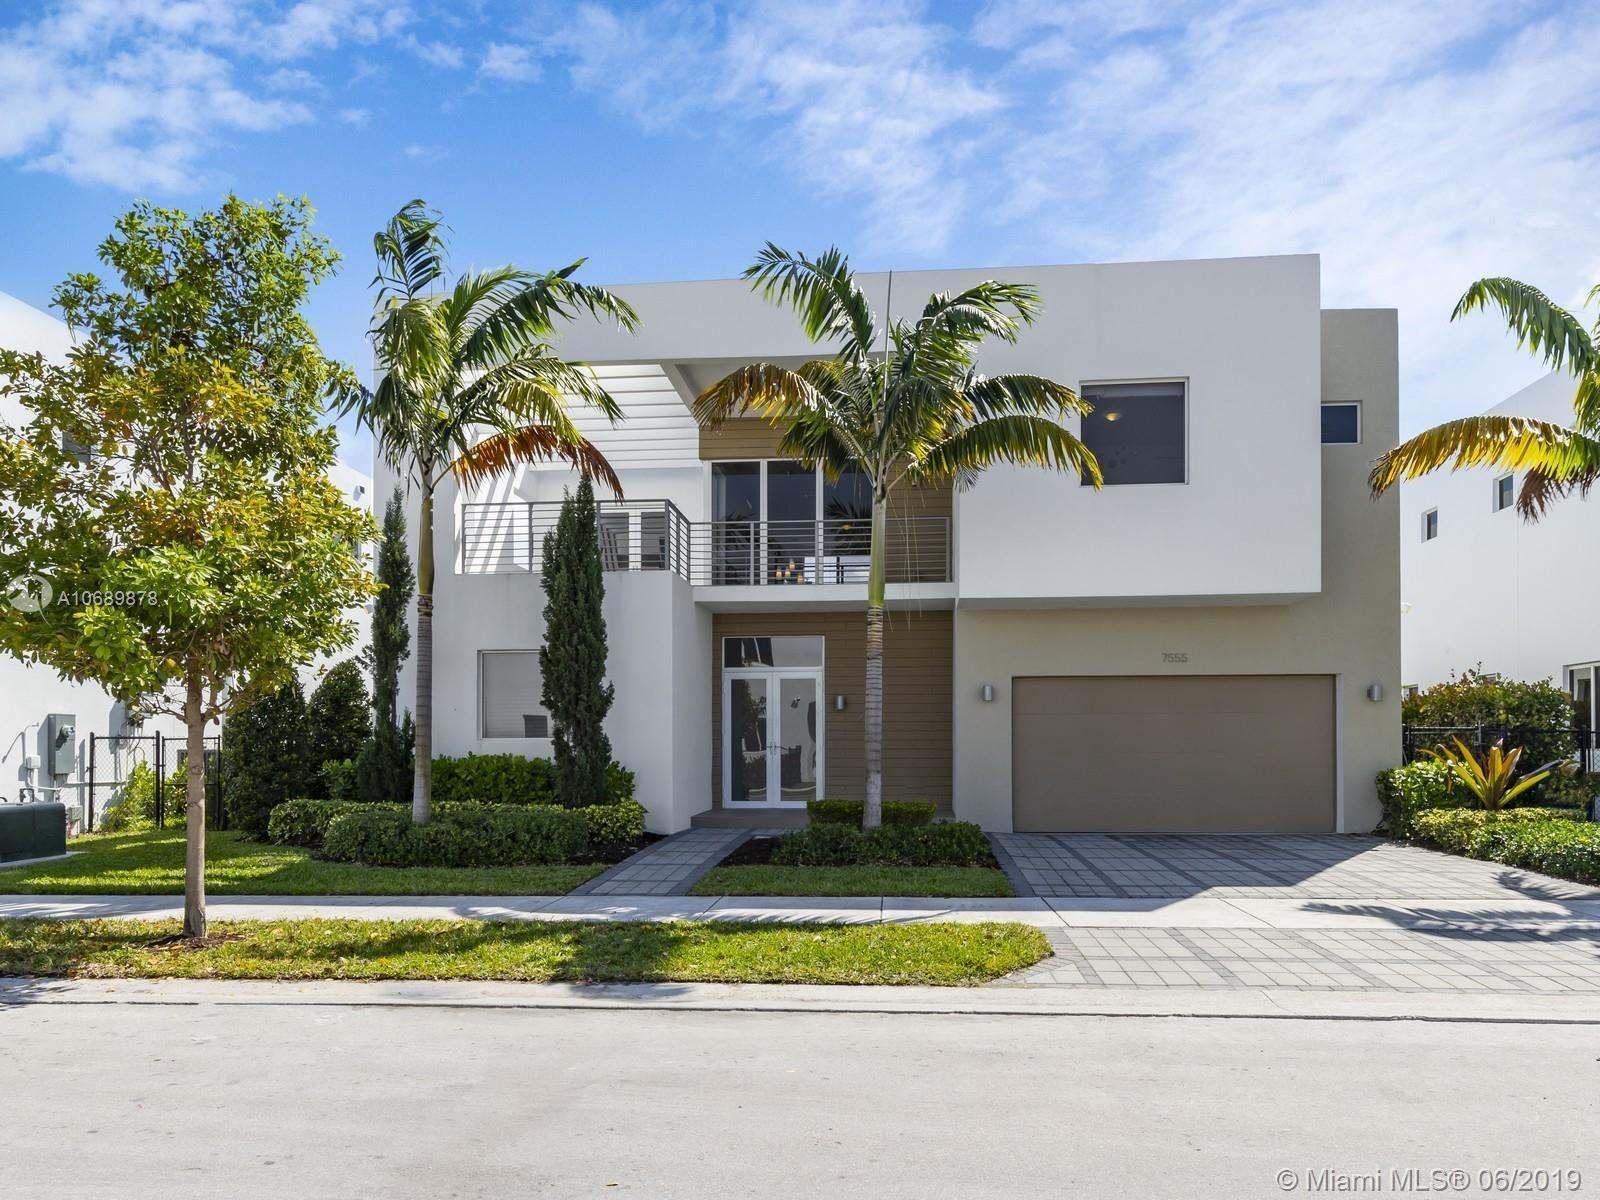 7555 NW 100th Ave, Miami, FL 33178 - #: A10689878